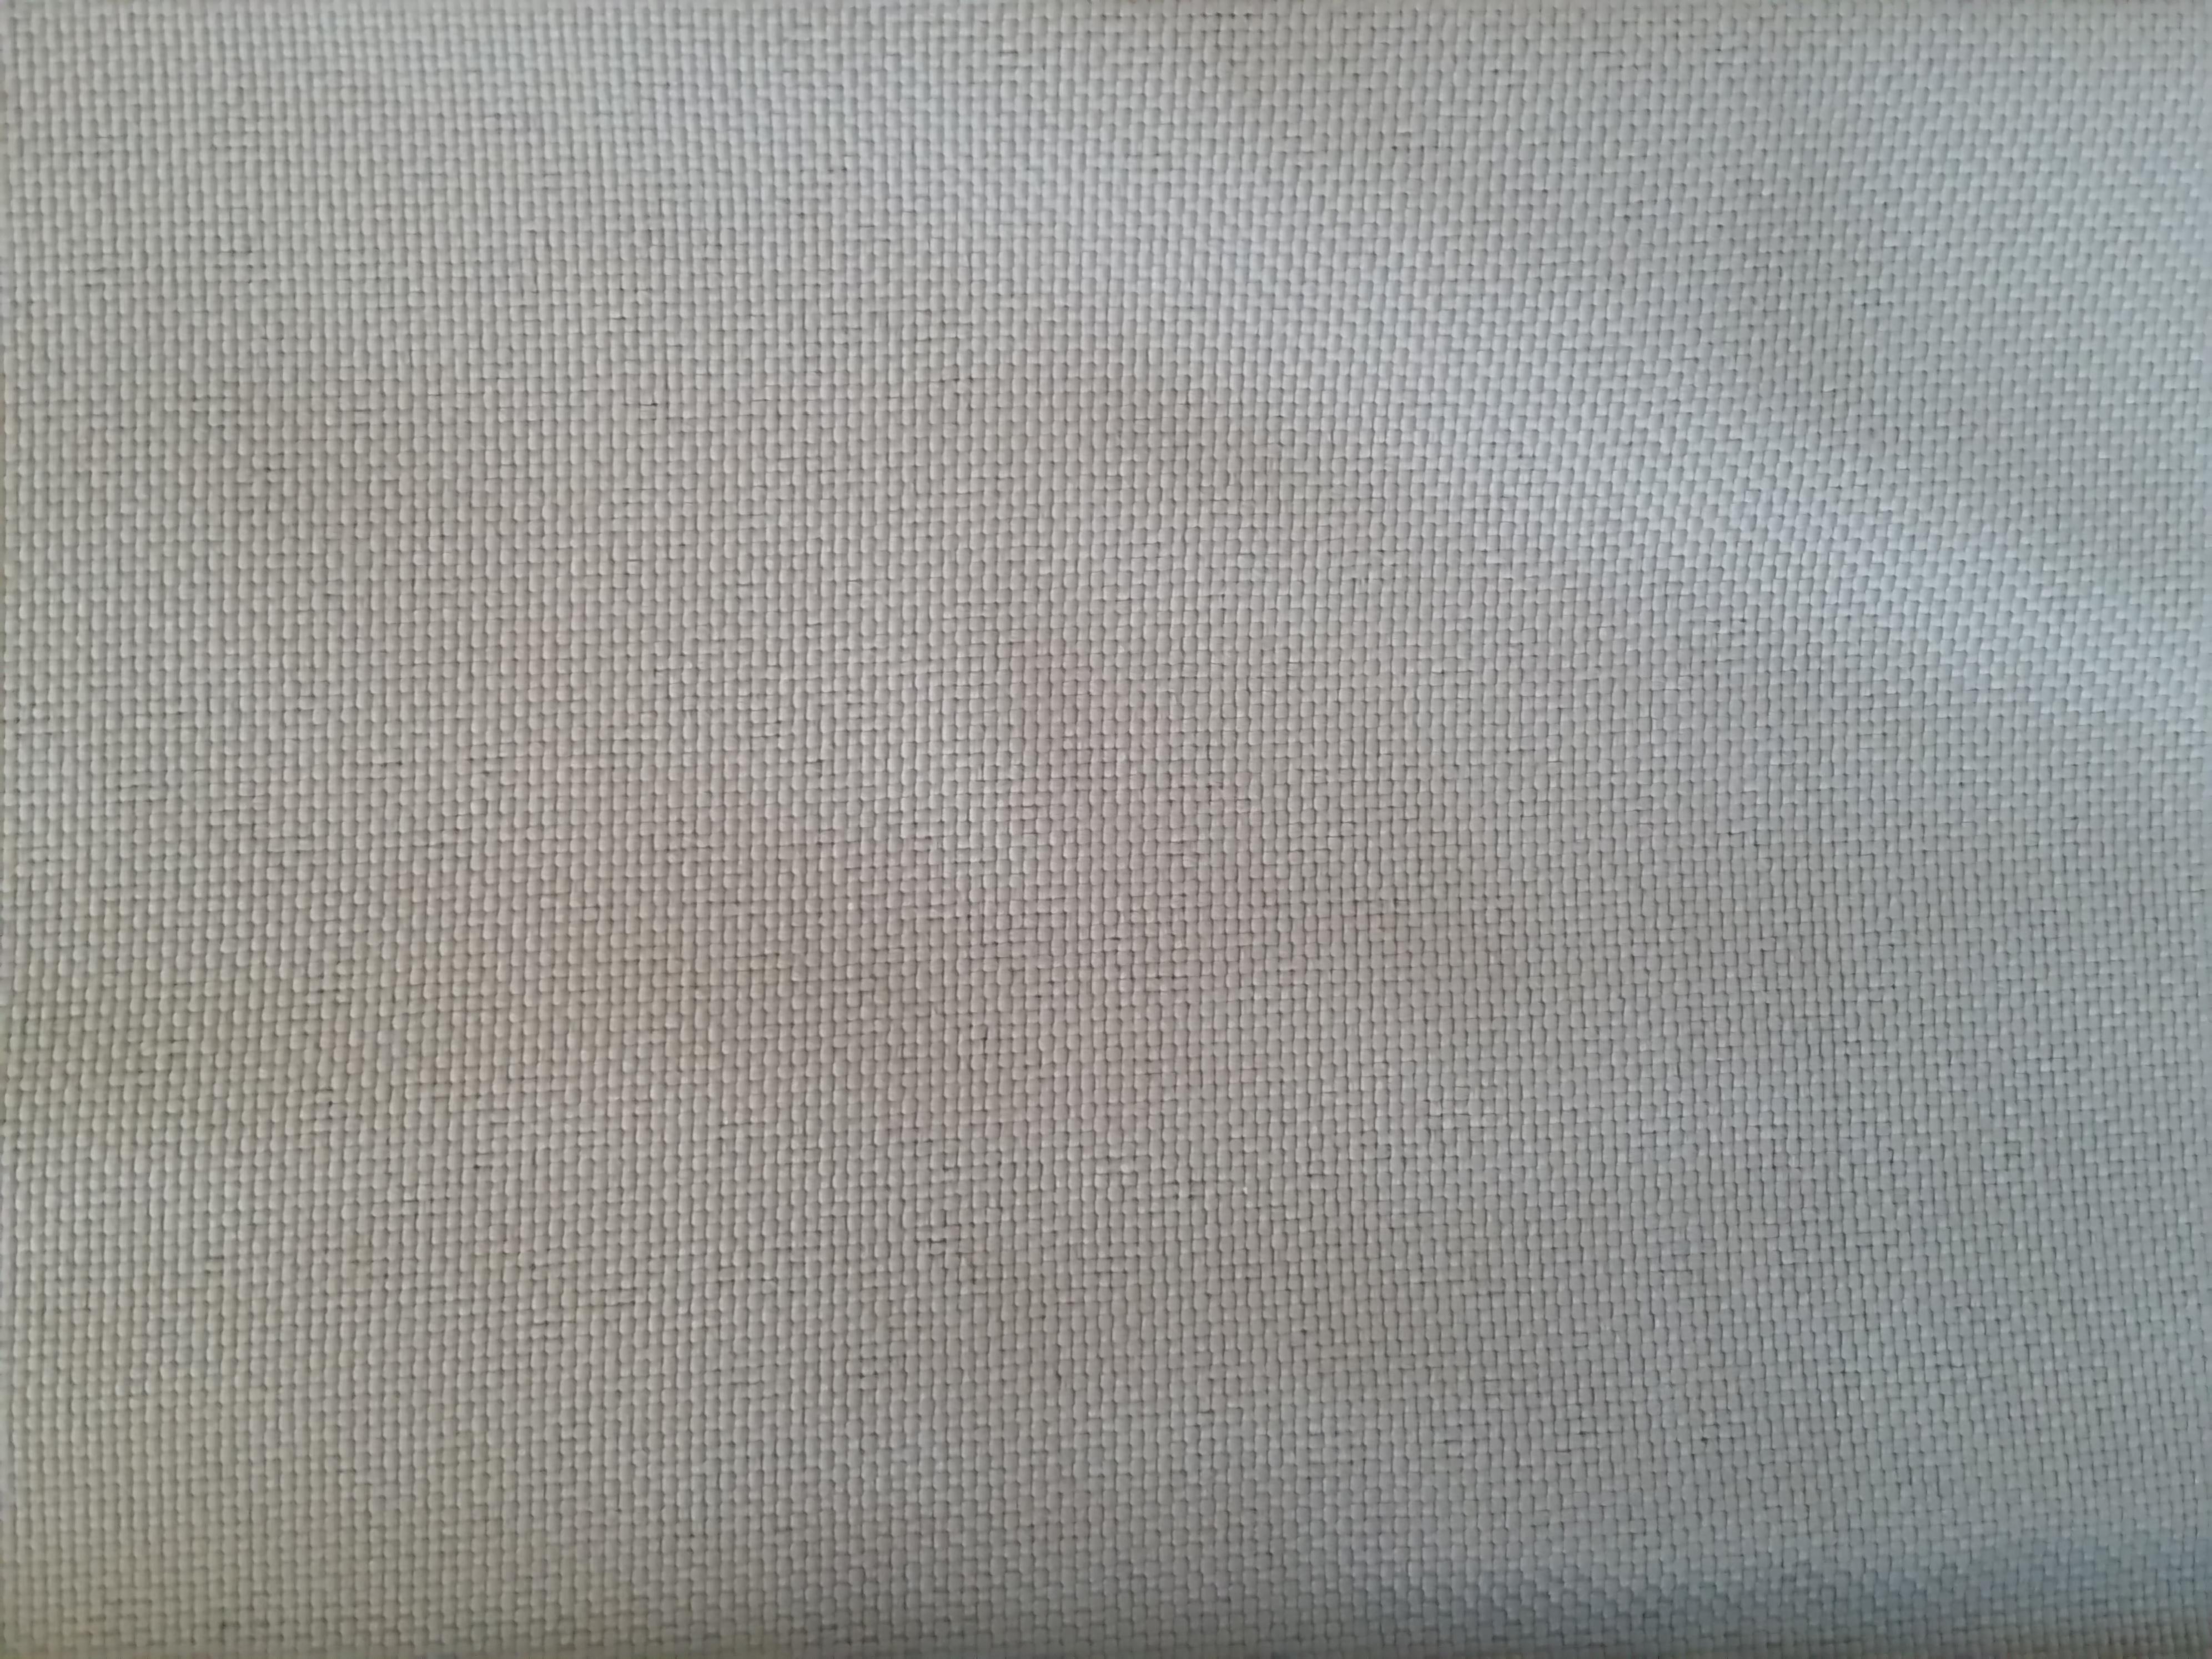 Outdoor Fabric : Warwick Waikiki CALIPPO per metre